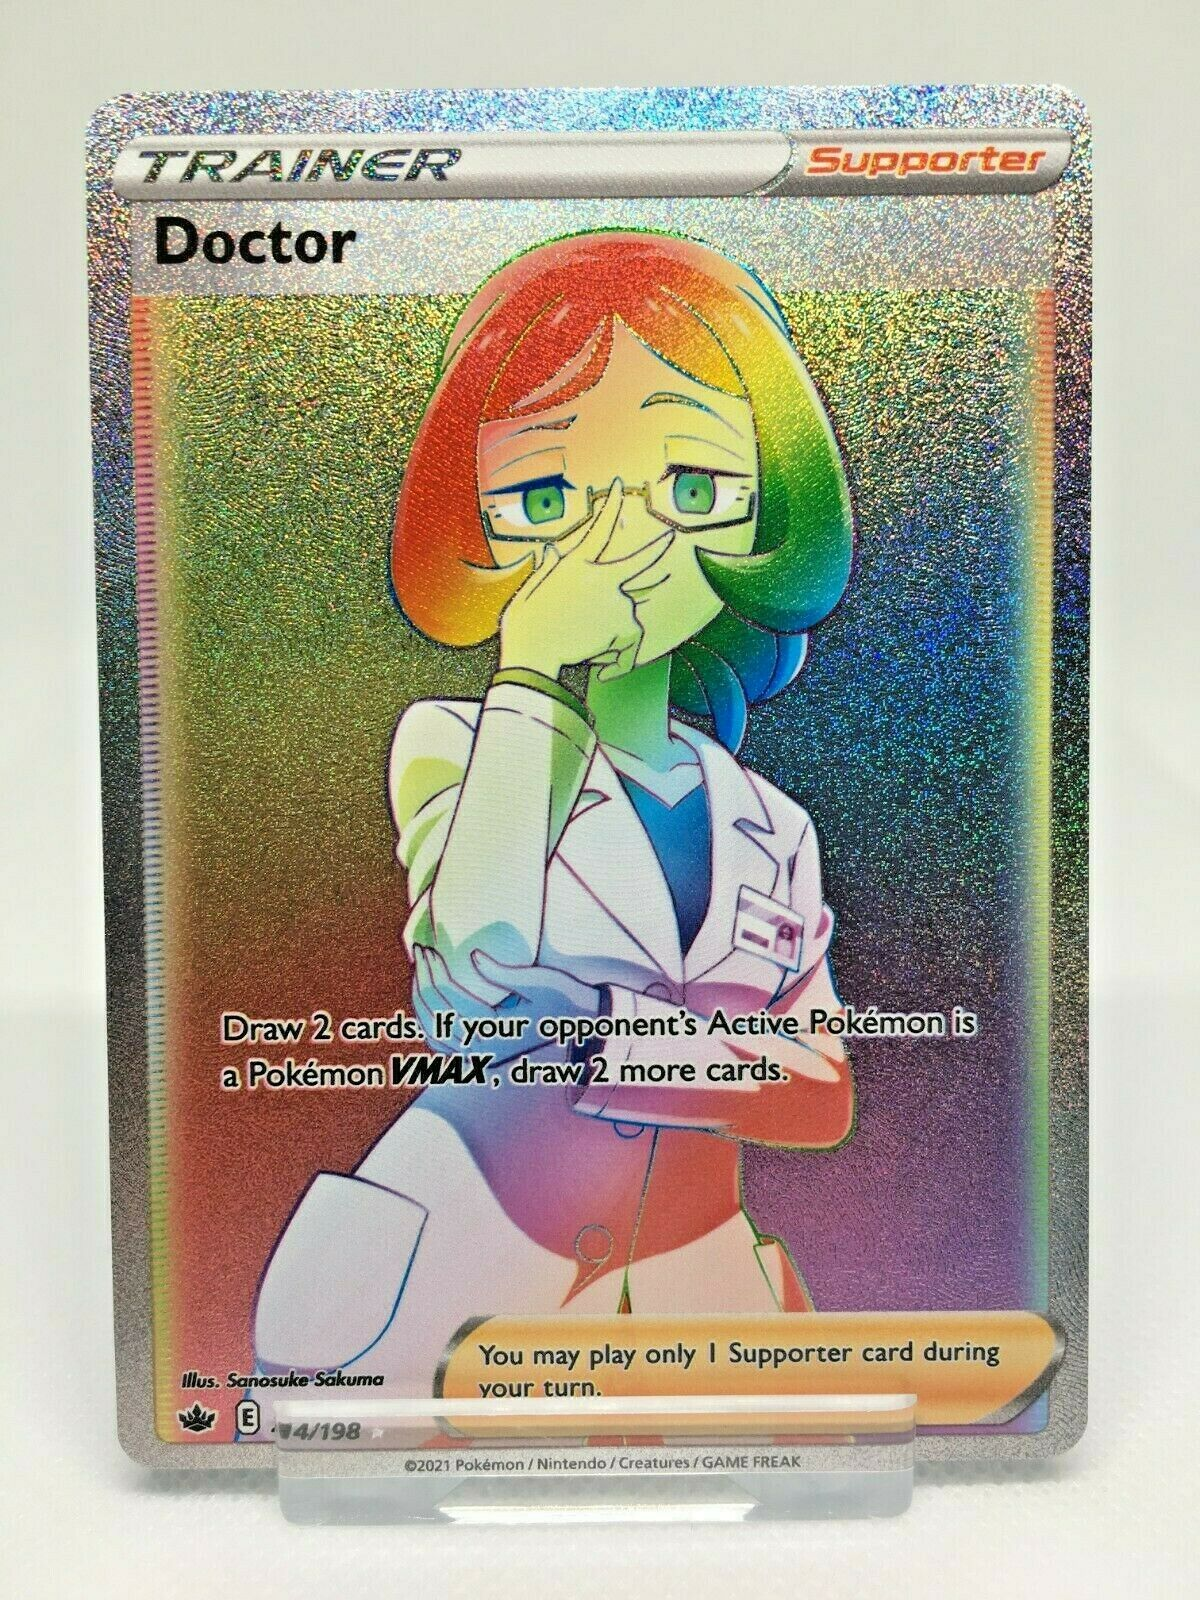 Doctor 214/198 Chilling Reign Full art secret rainbow rare Pokemon card